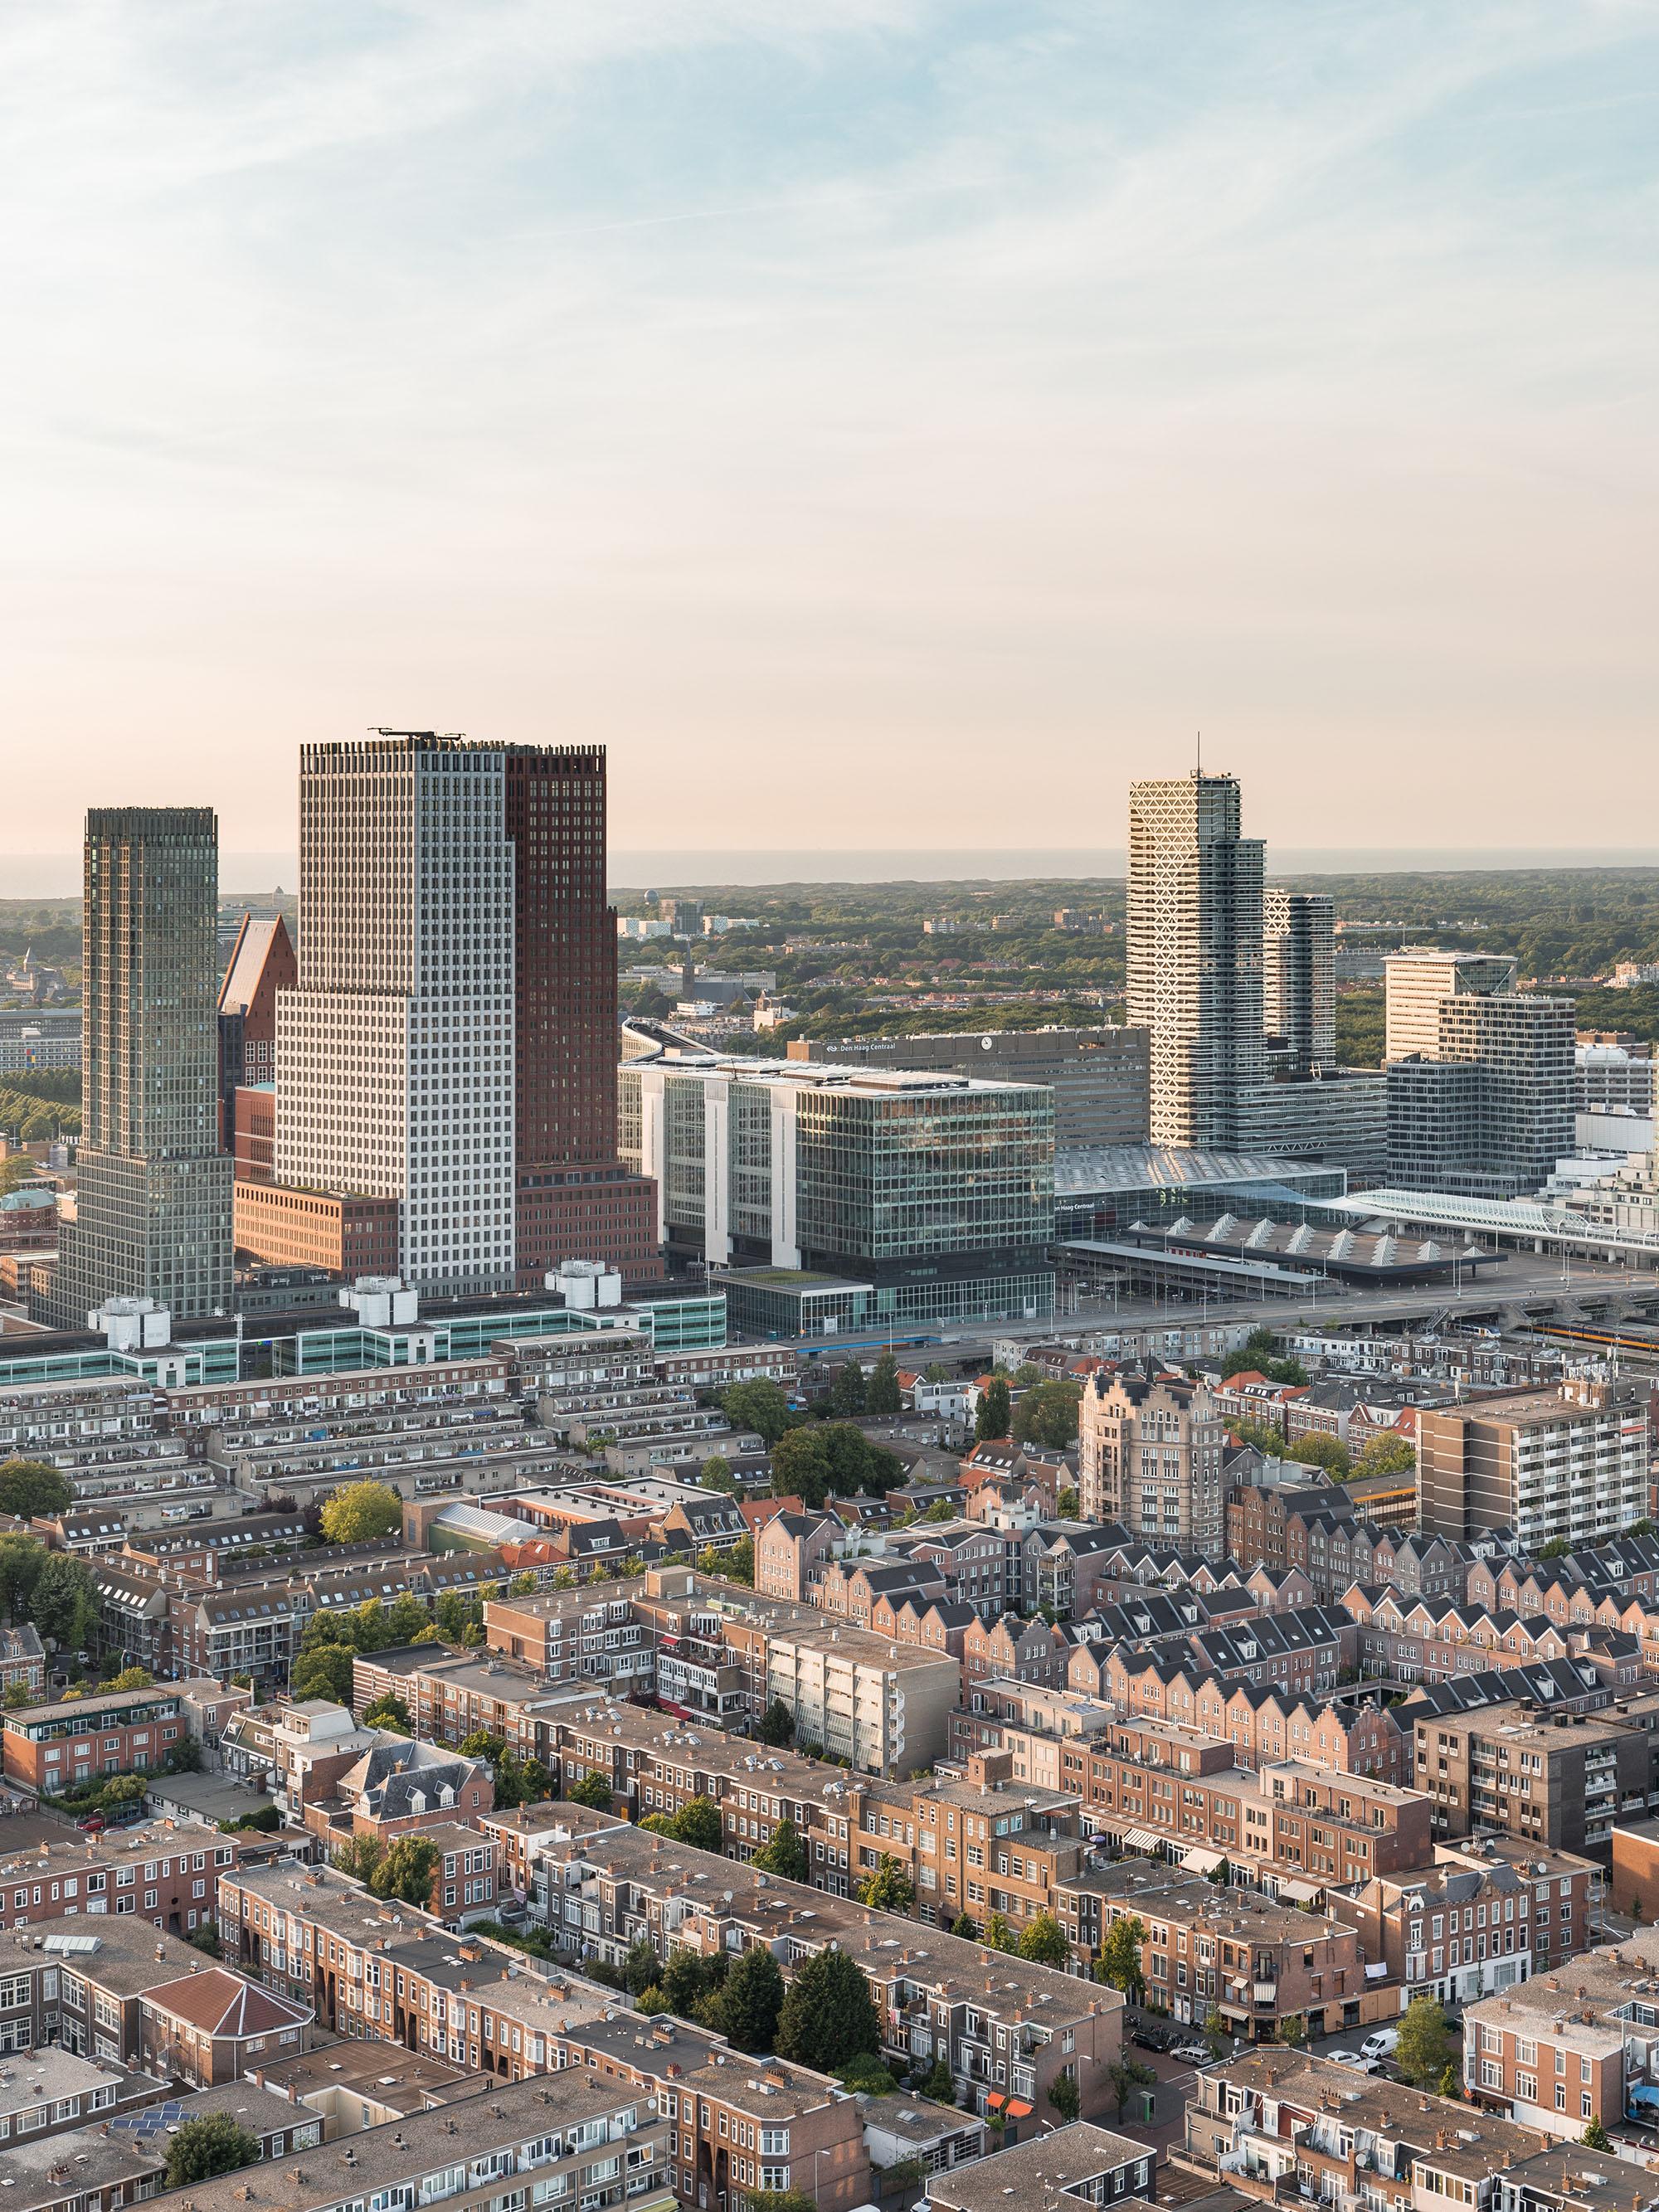 <p>Rijnstraat 8, Foto: Delfino Sisto Legnanie and Marco Cappelletti </p>